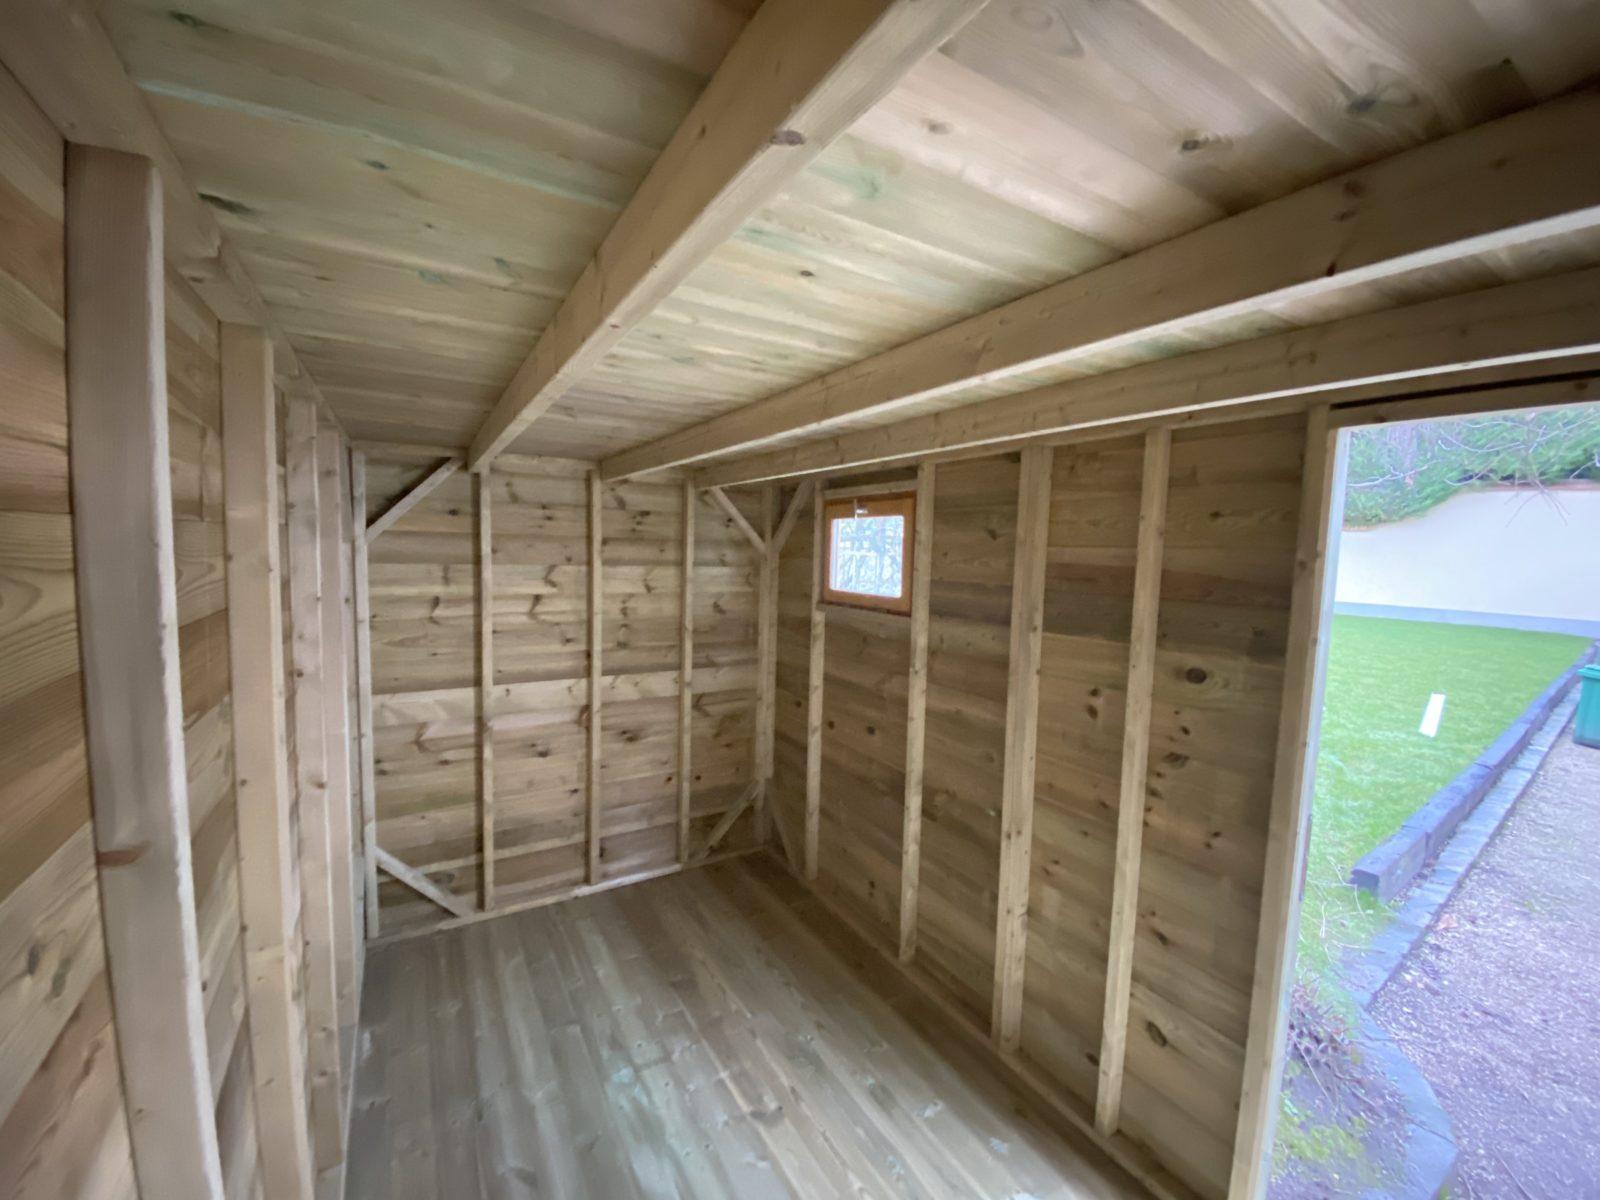 Comment changer la toiture d'un abri de jardin en bois ?